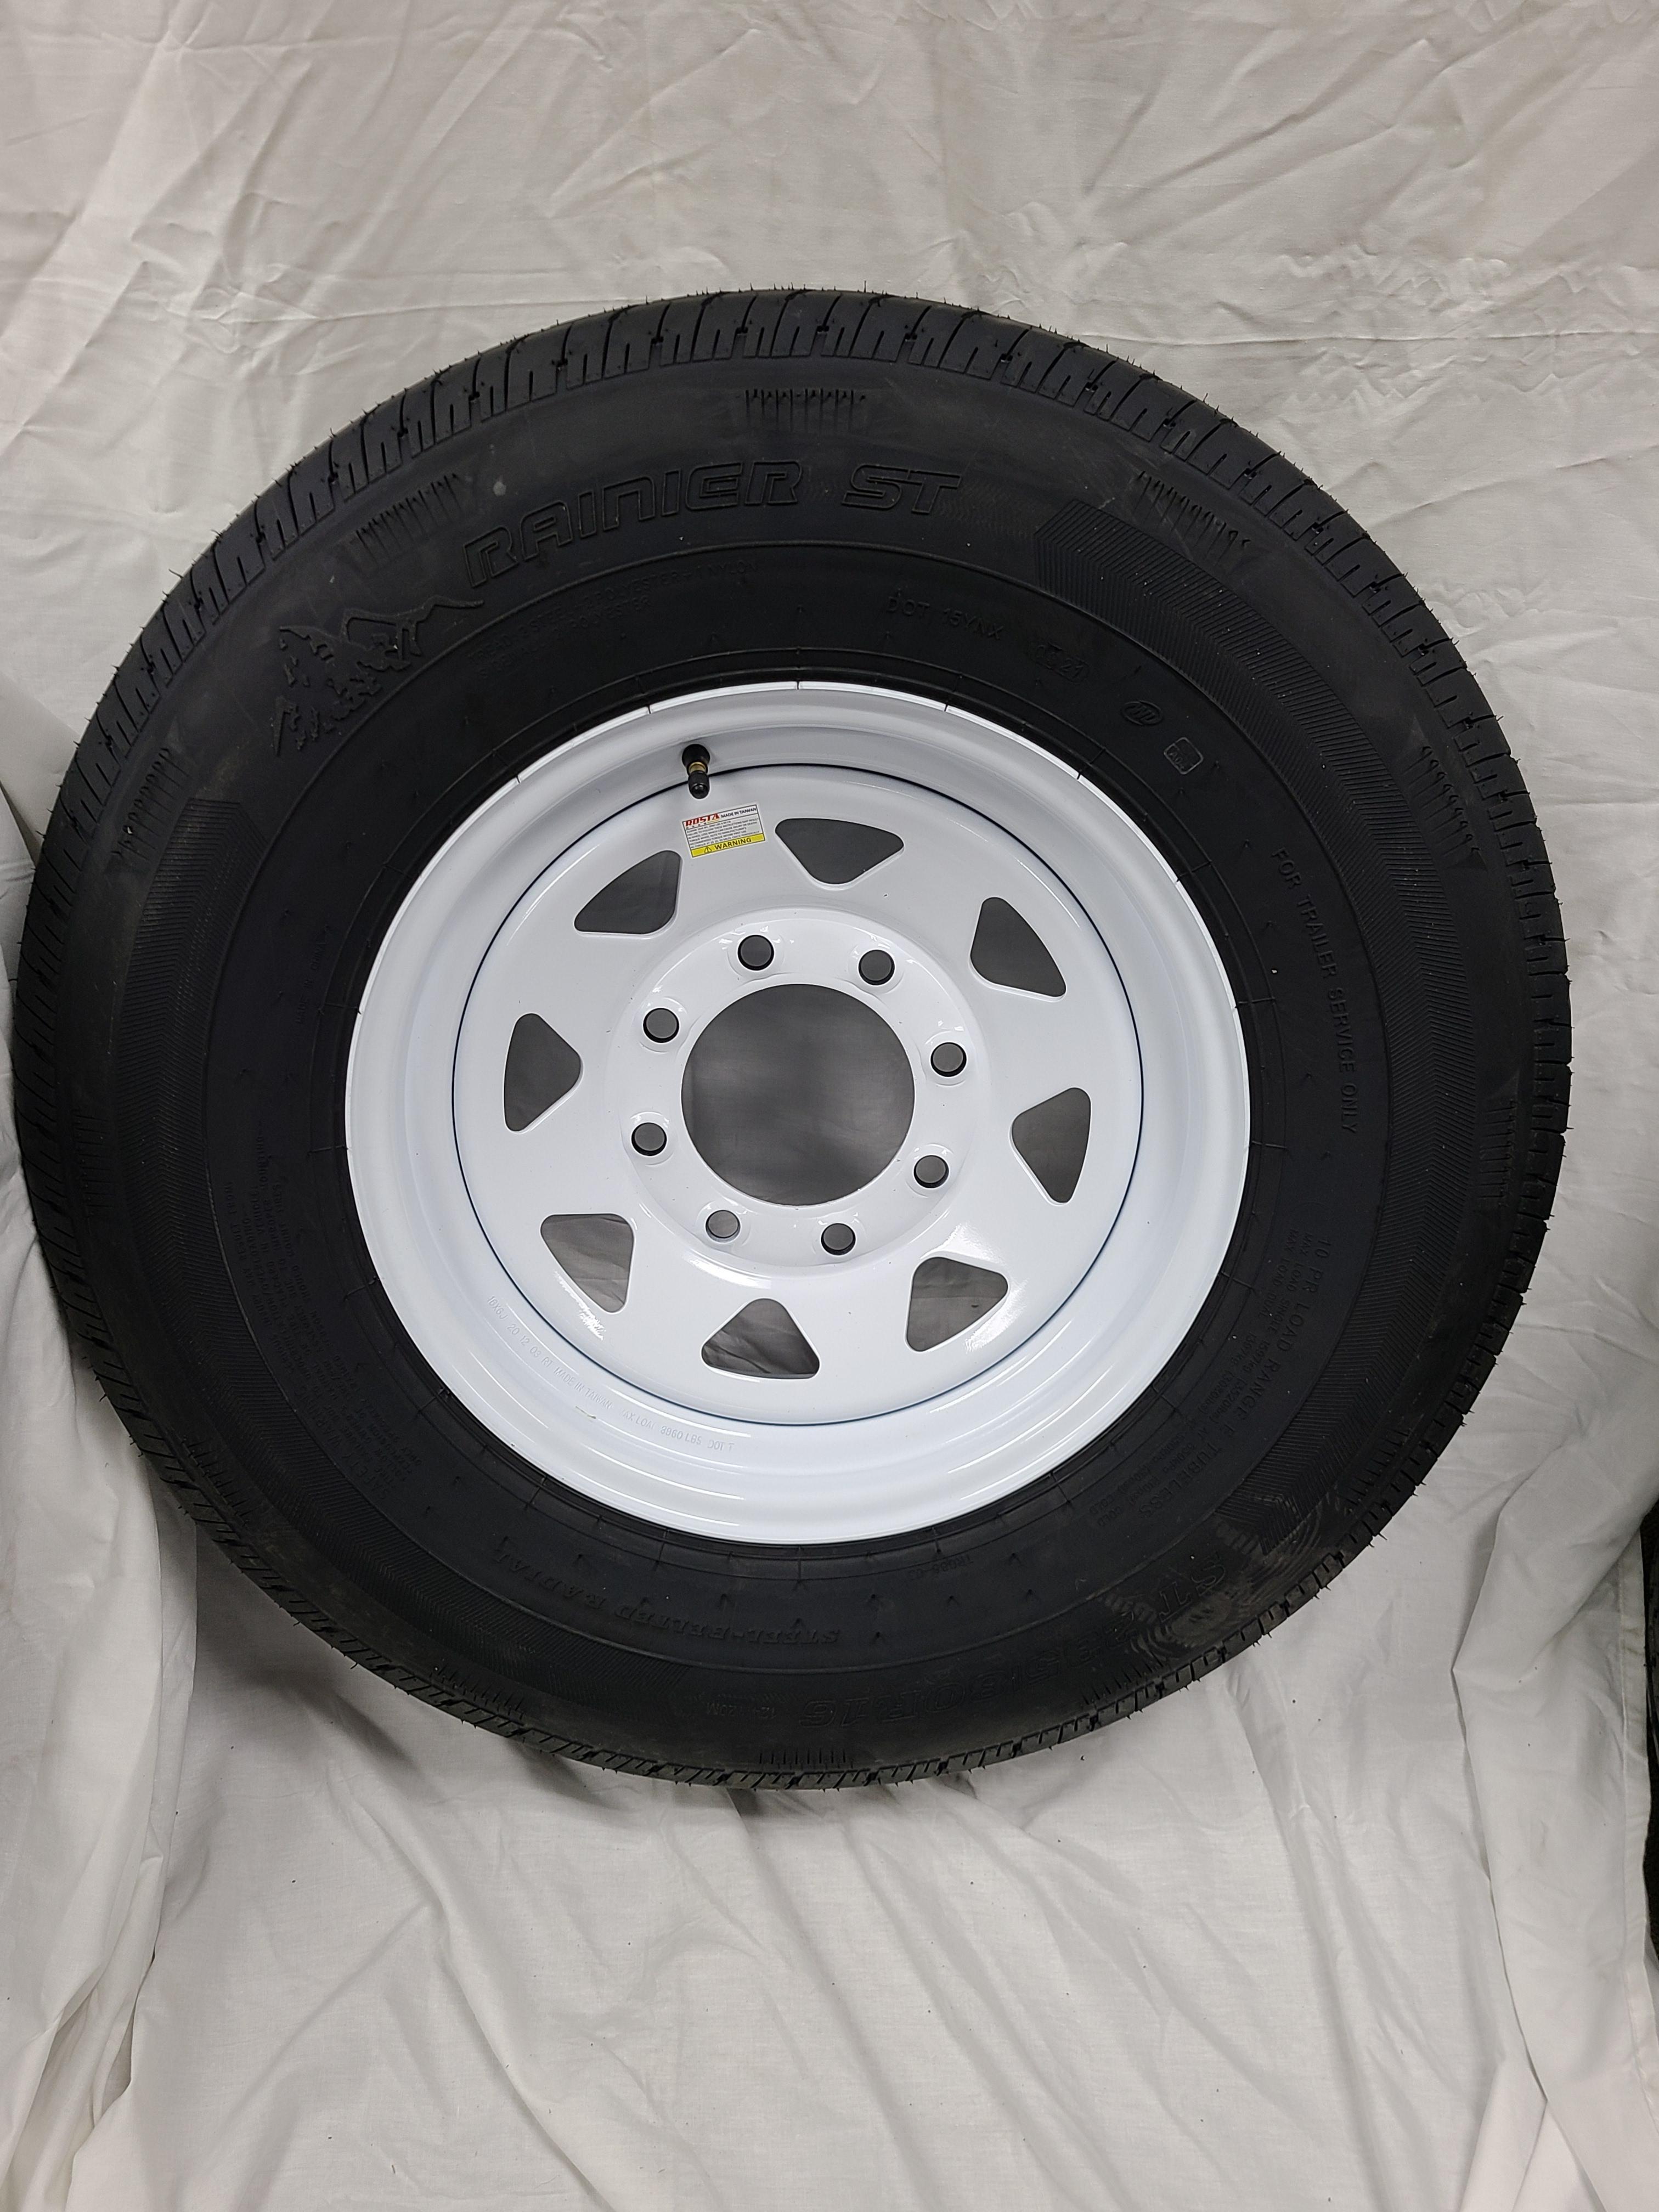 ST235/80/R16 Load Range E 8 Lug white Spoke